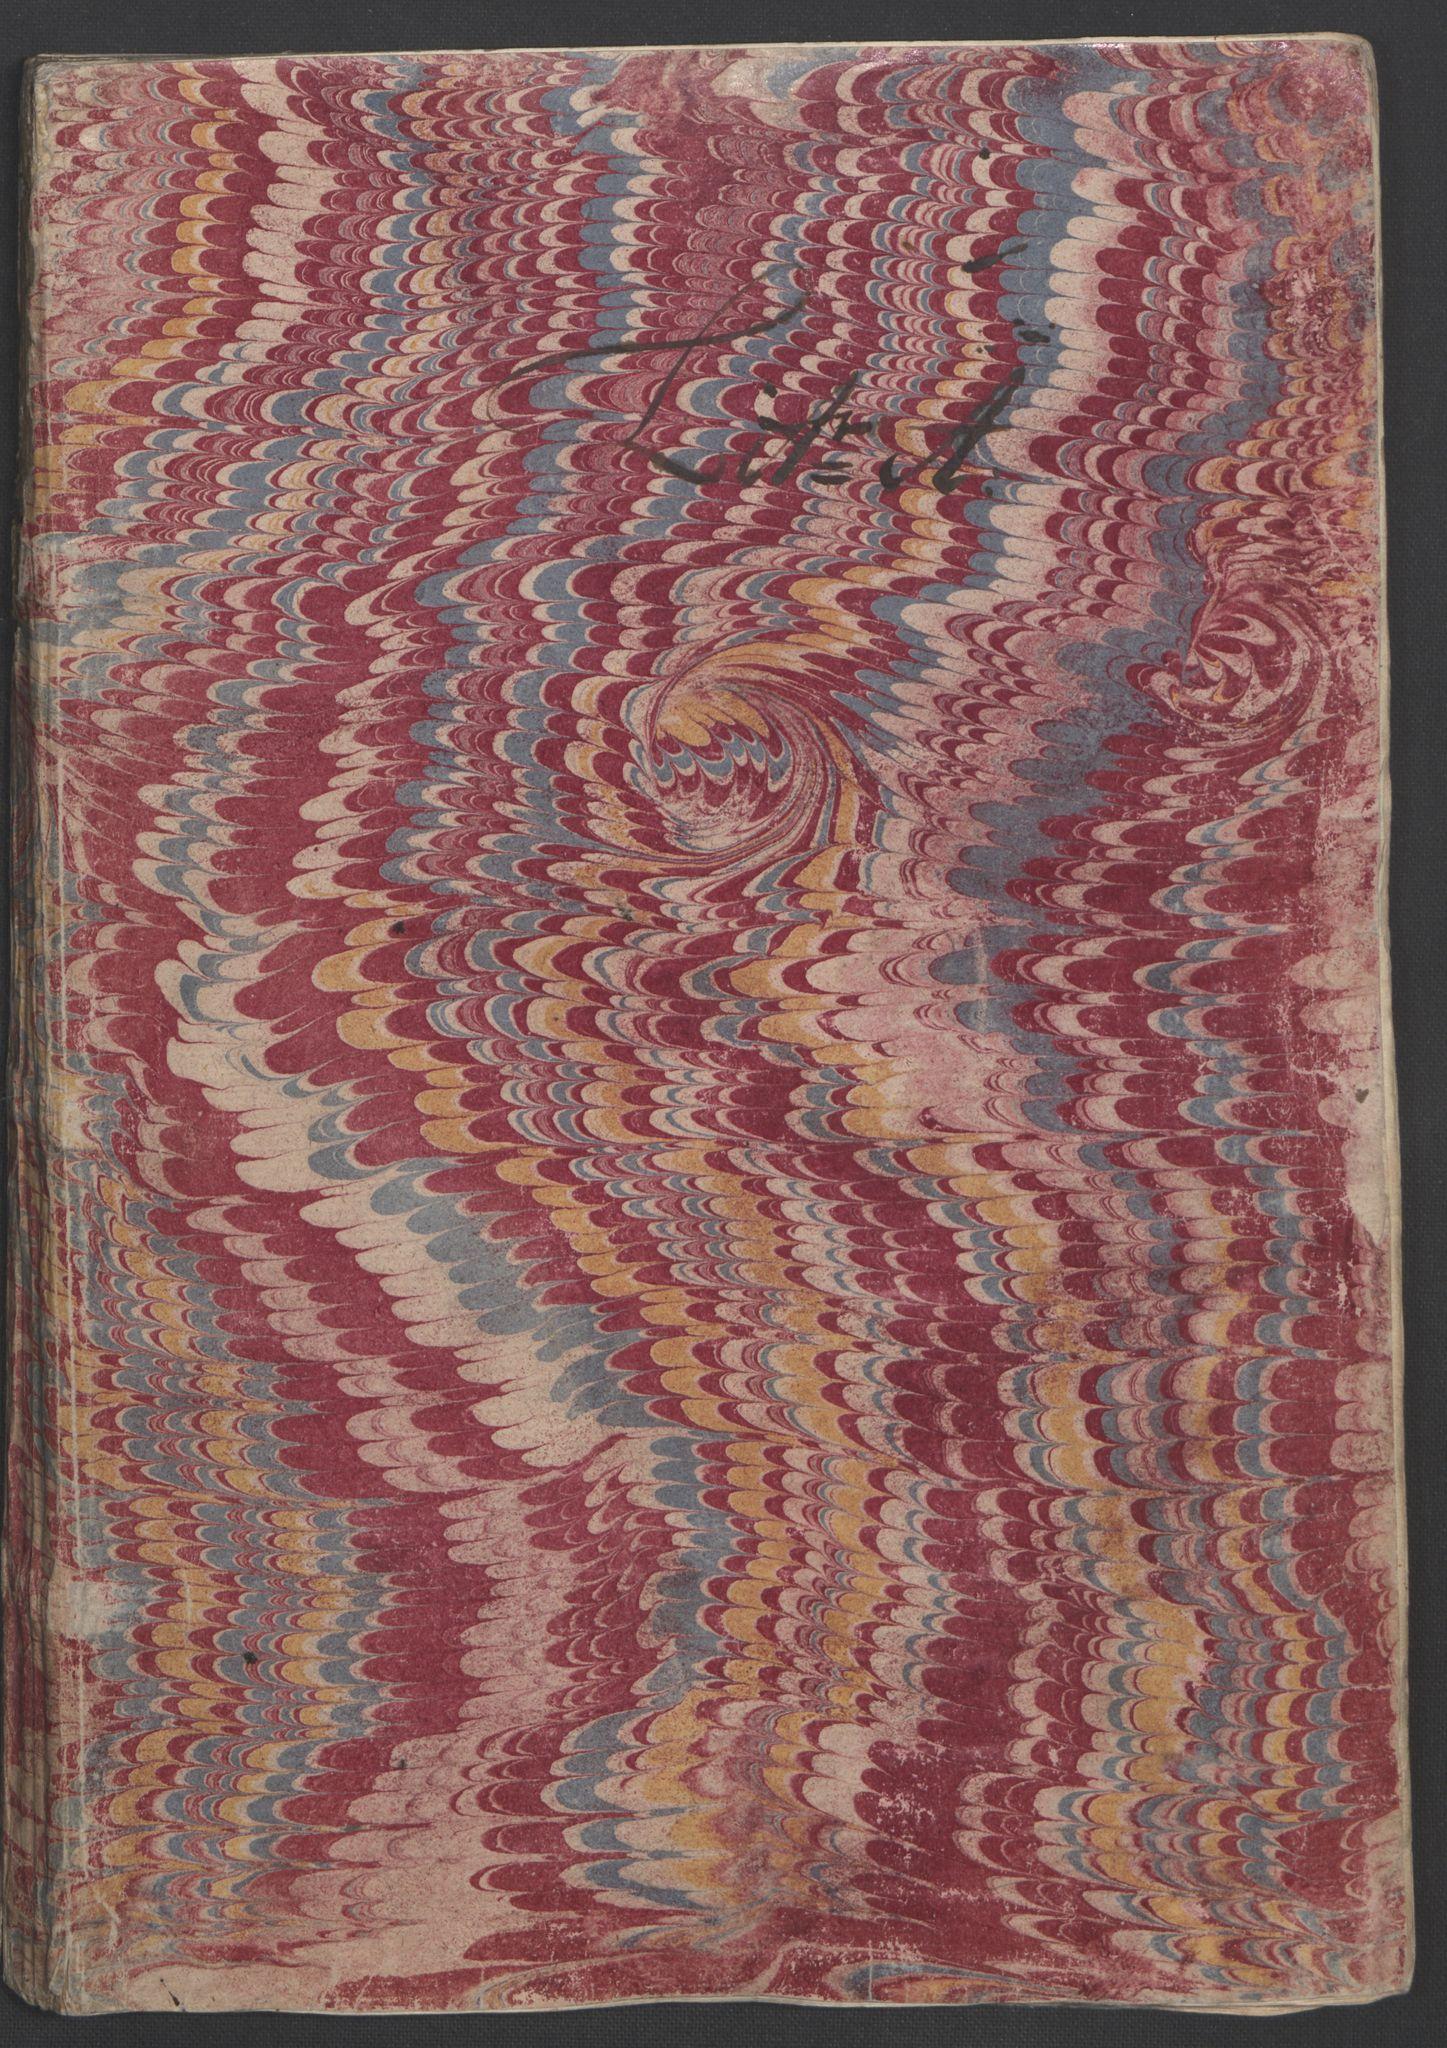 RA, Rentekammeret inntil 1814, Reviderte regnskaper, Fogderegnskap, R51/L3183: Fogderegnskap Nordhordland og Voss, 1695-1697, s. 8